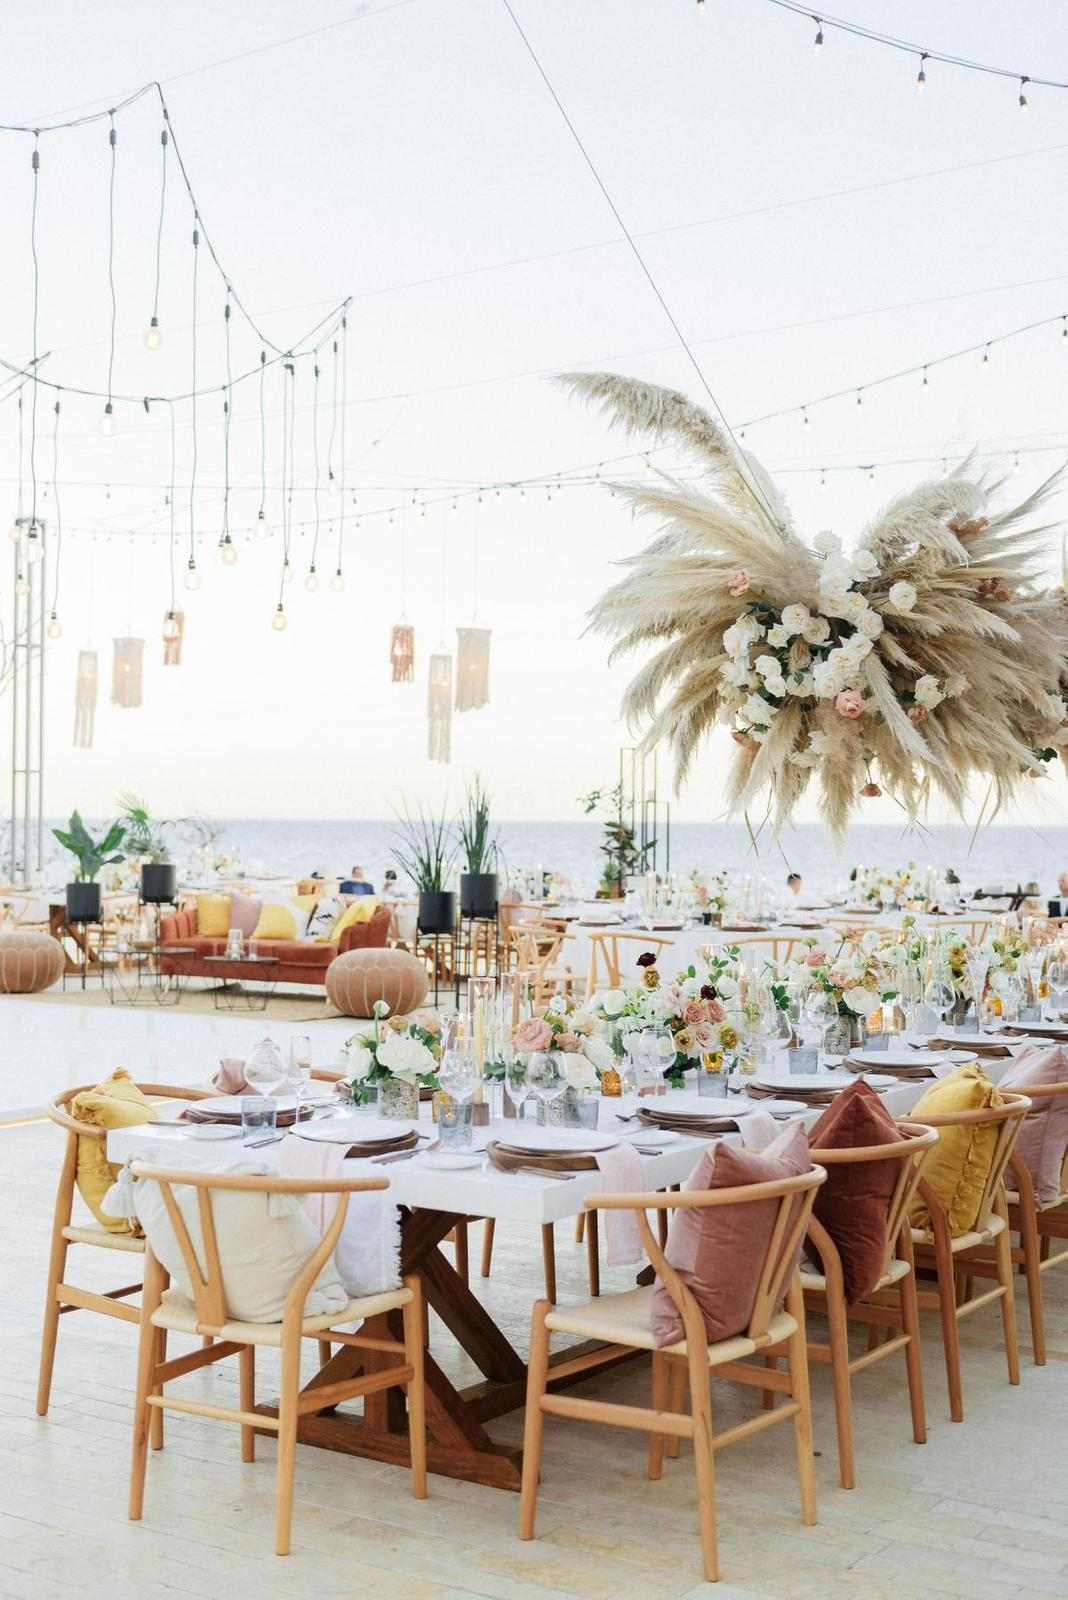 Inšpirácie na svadobné stolovovanie - Obrázok č. 36